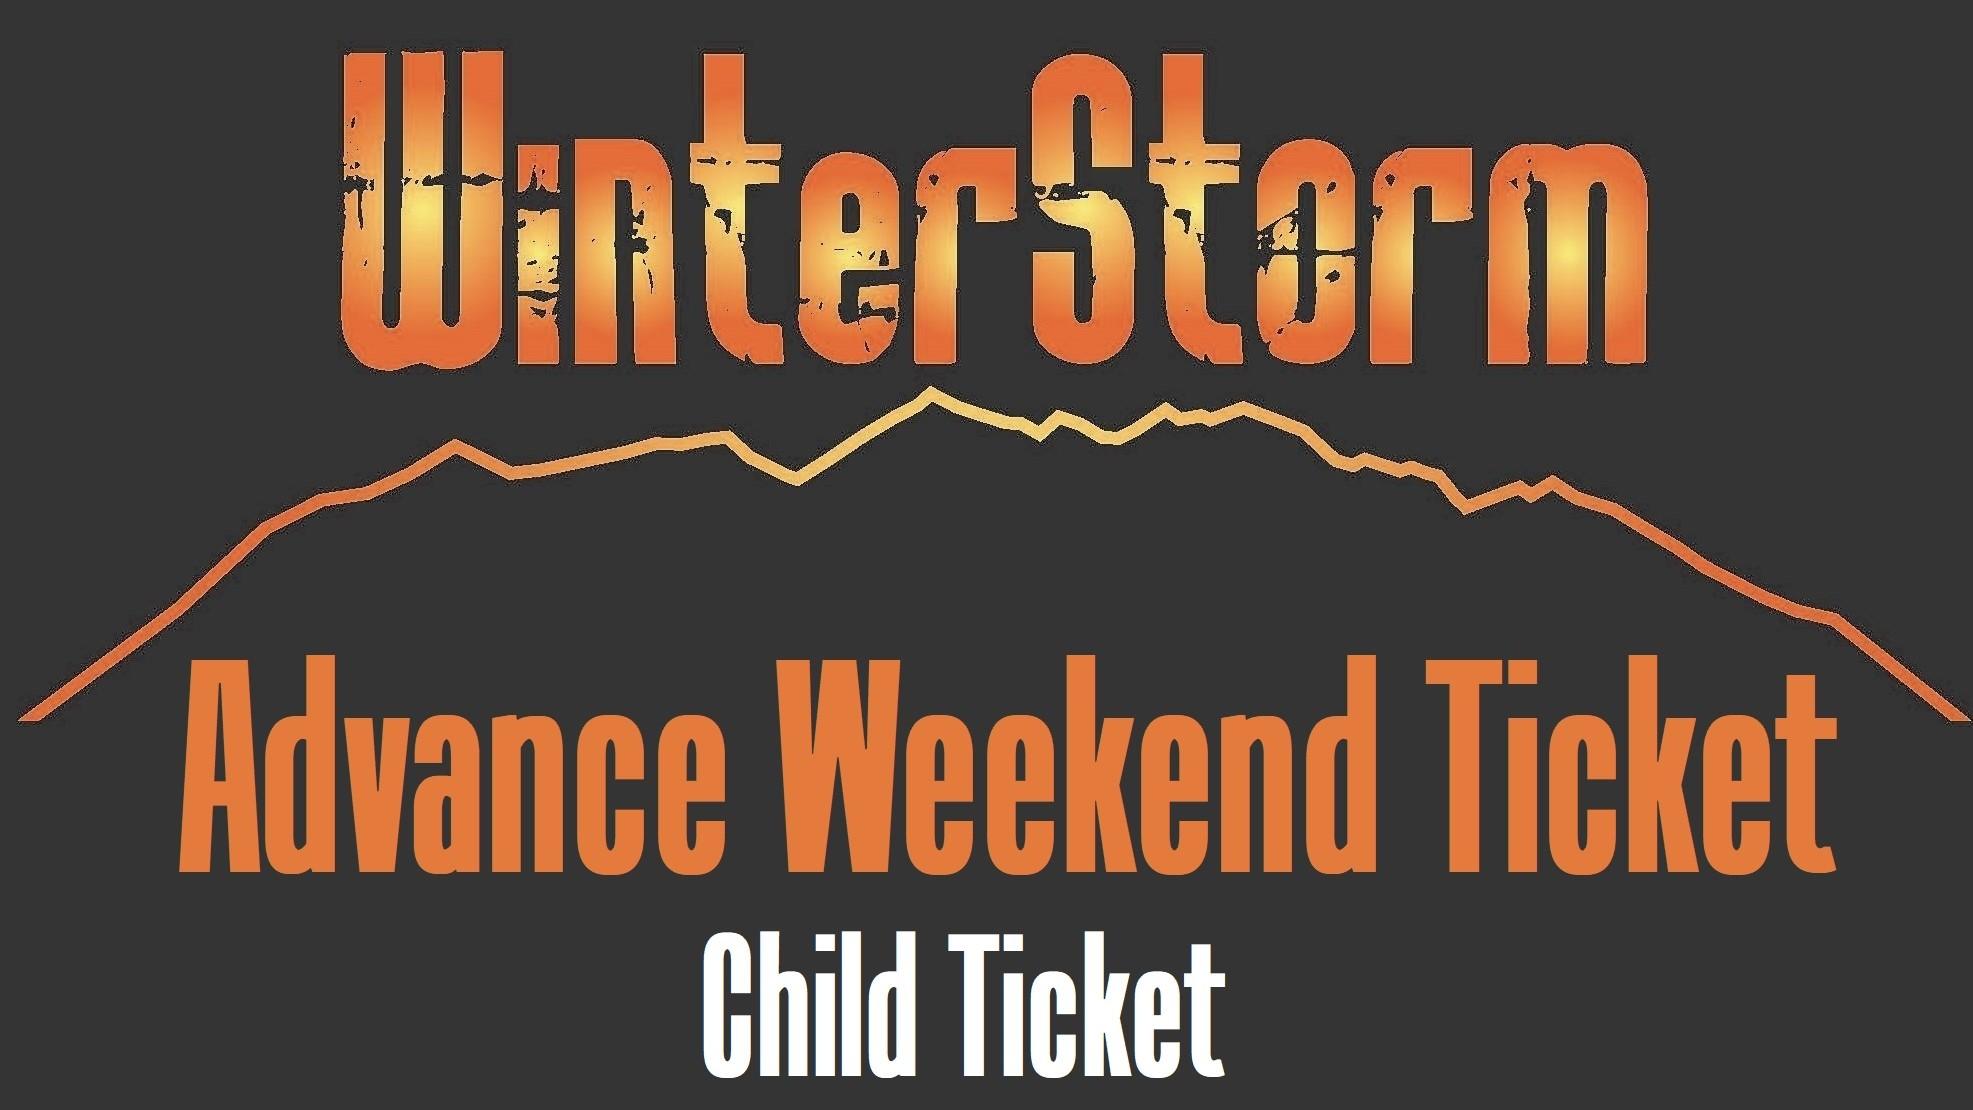 WinterStorm 20 - Advance Weekend Ticket Child